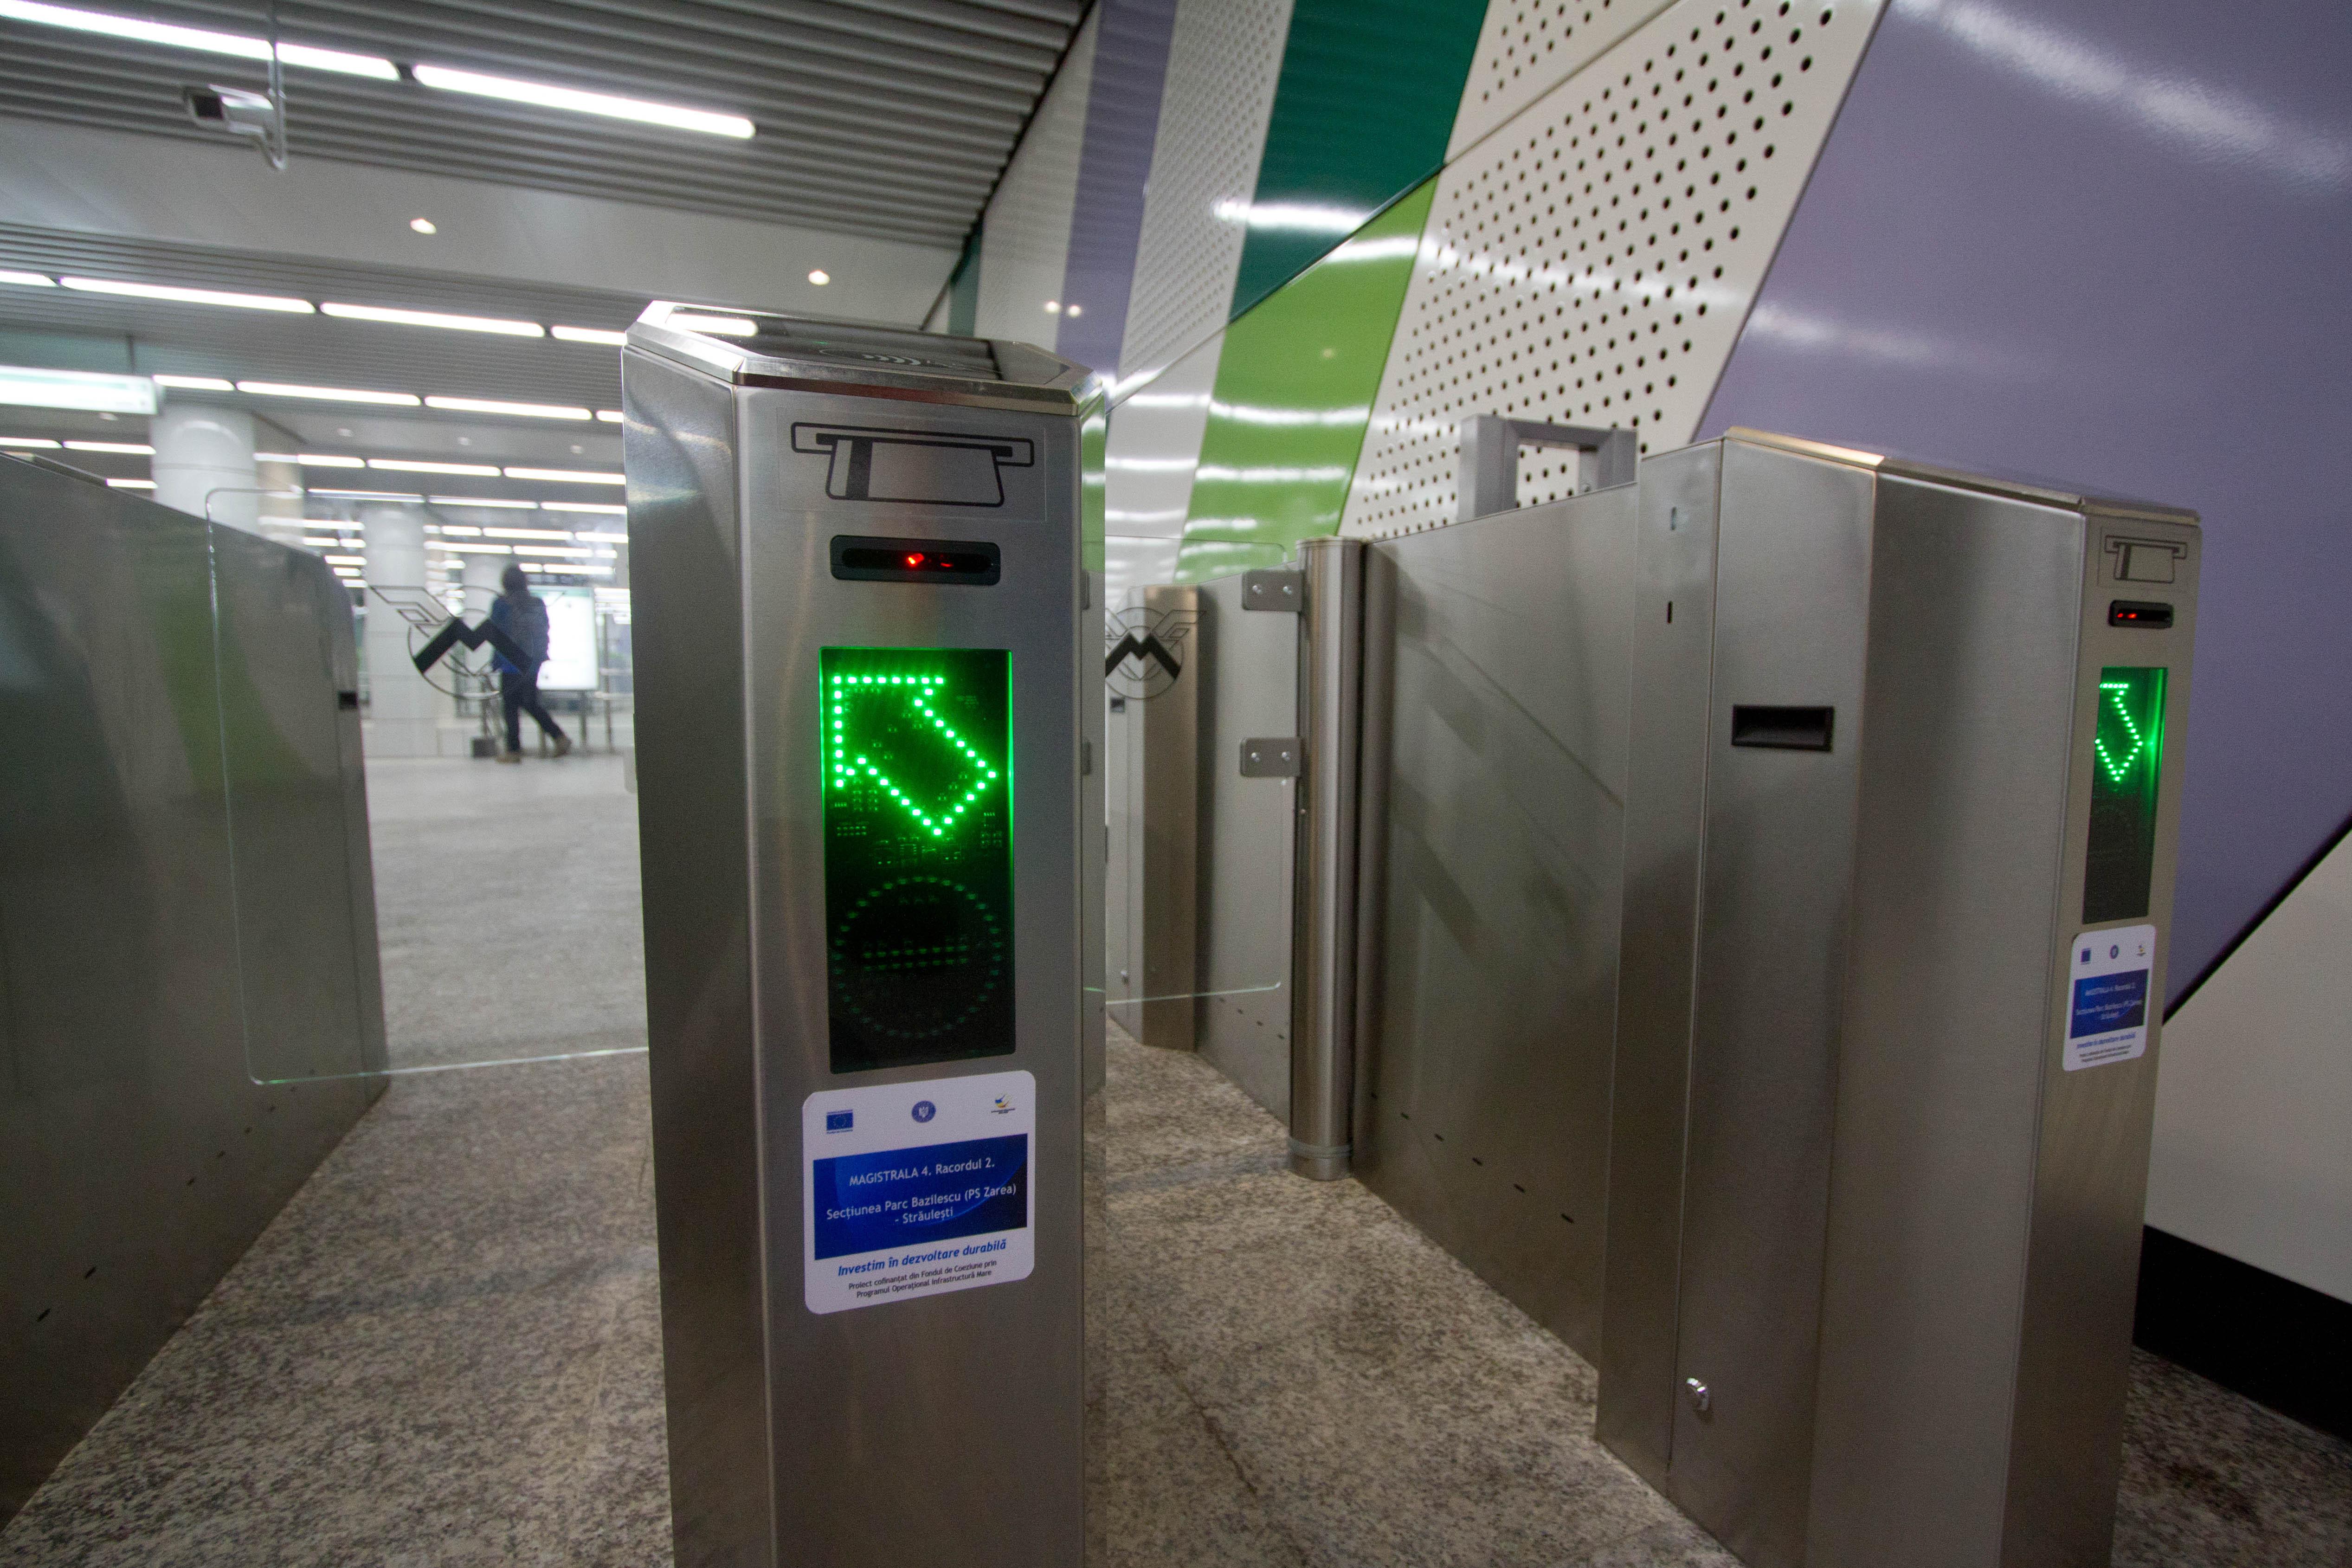 Metrorex închide accesul la intrările unor staţii de metrou. Calendarul lucrărilor de modernizare a sistemului de control